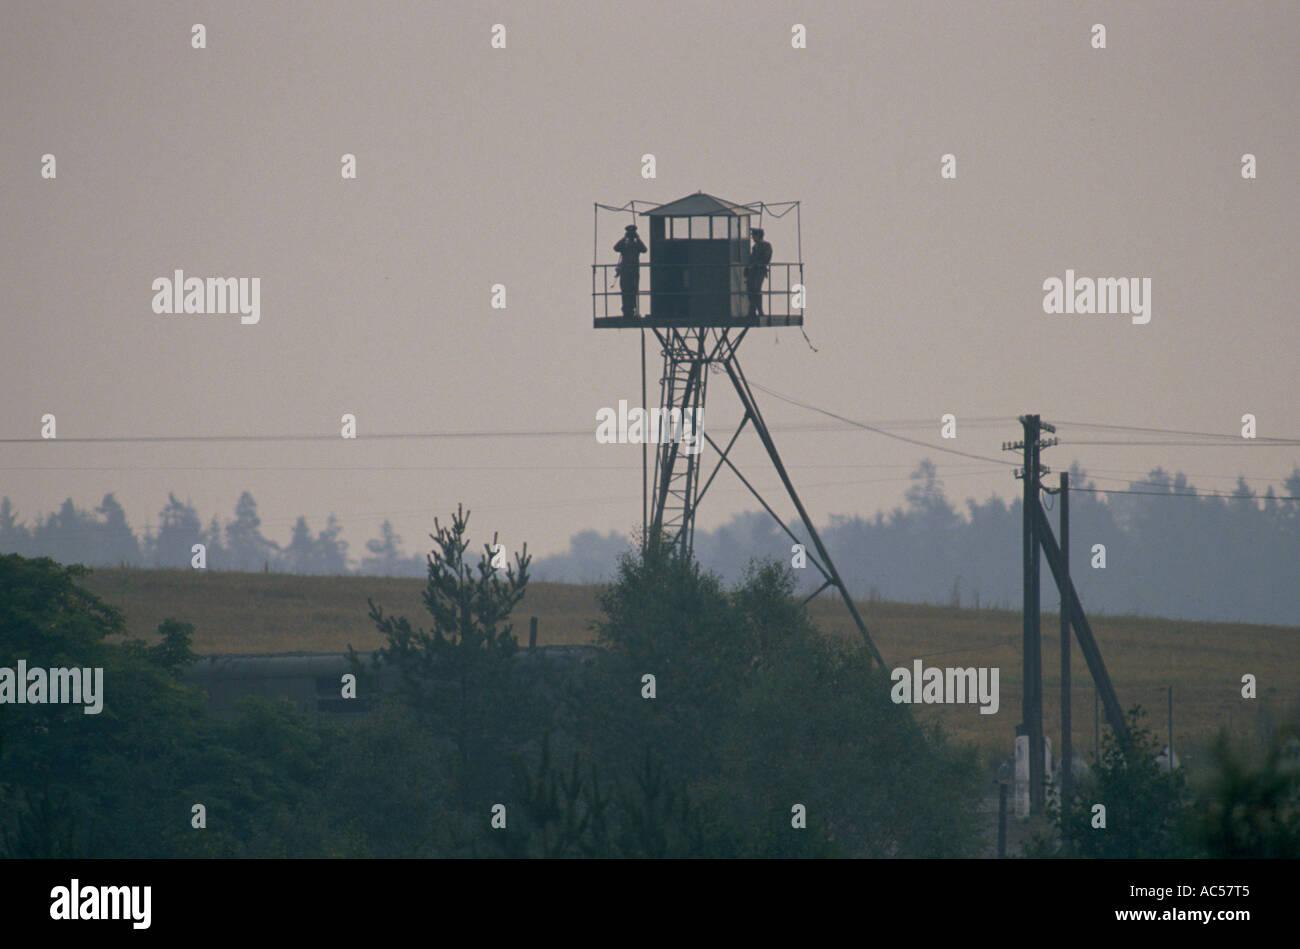 Cortina de Hierro checo torre de observación en la madrugada de 1989, la caída del comunismo Imagen De Stock